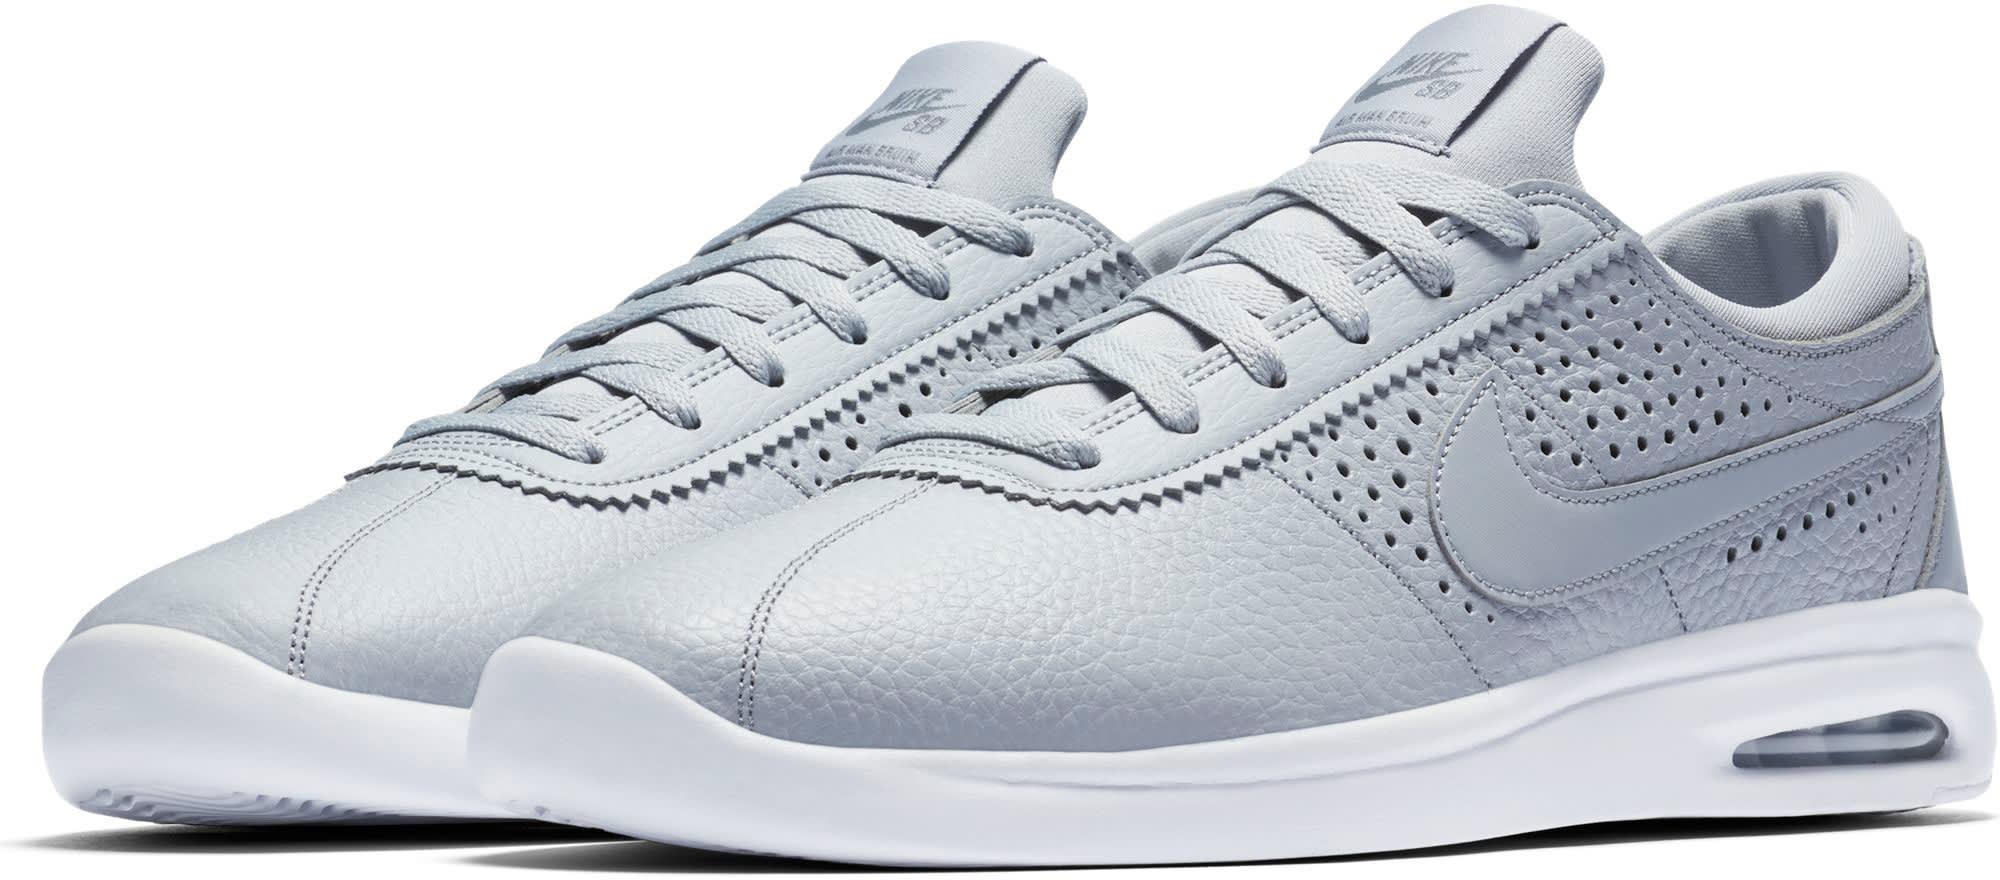 11c96c7e34d Nike SB Air Max Bruin Vapor Leather Skate Shoes - thumbnail 5